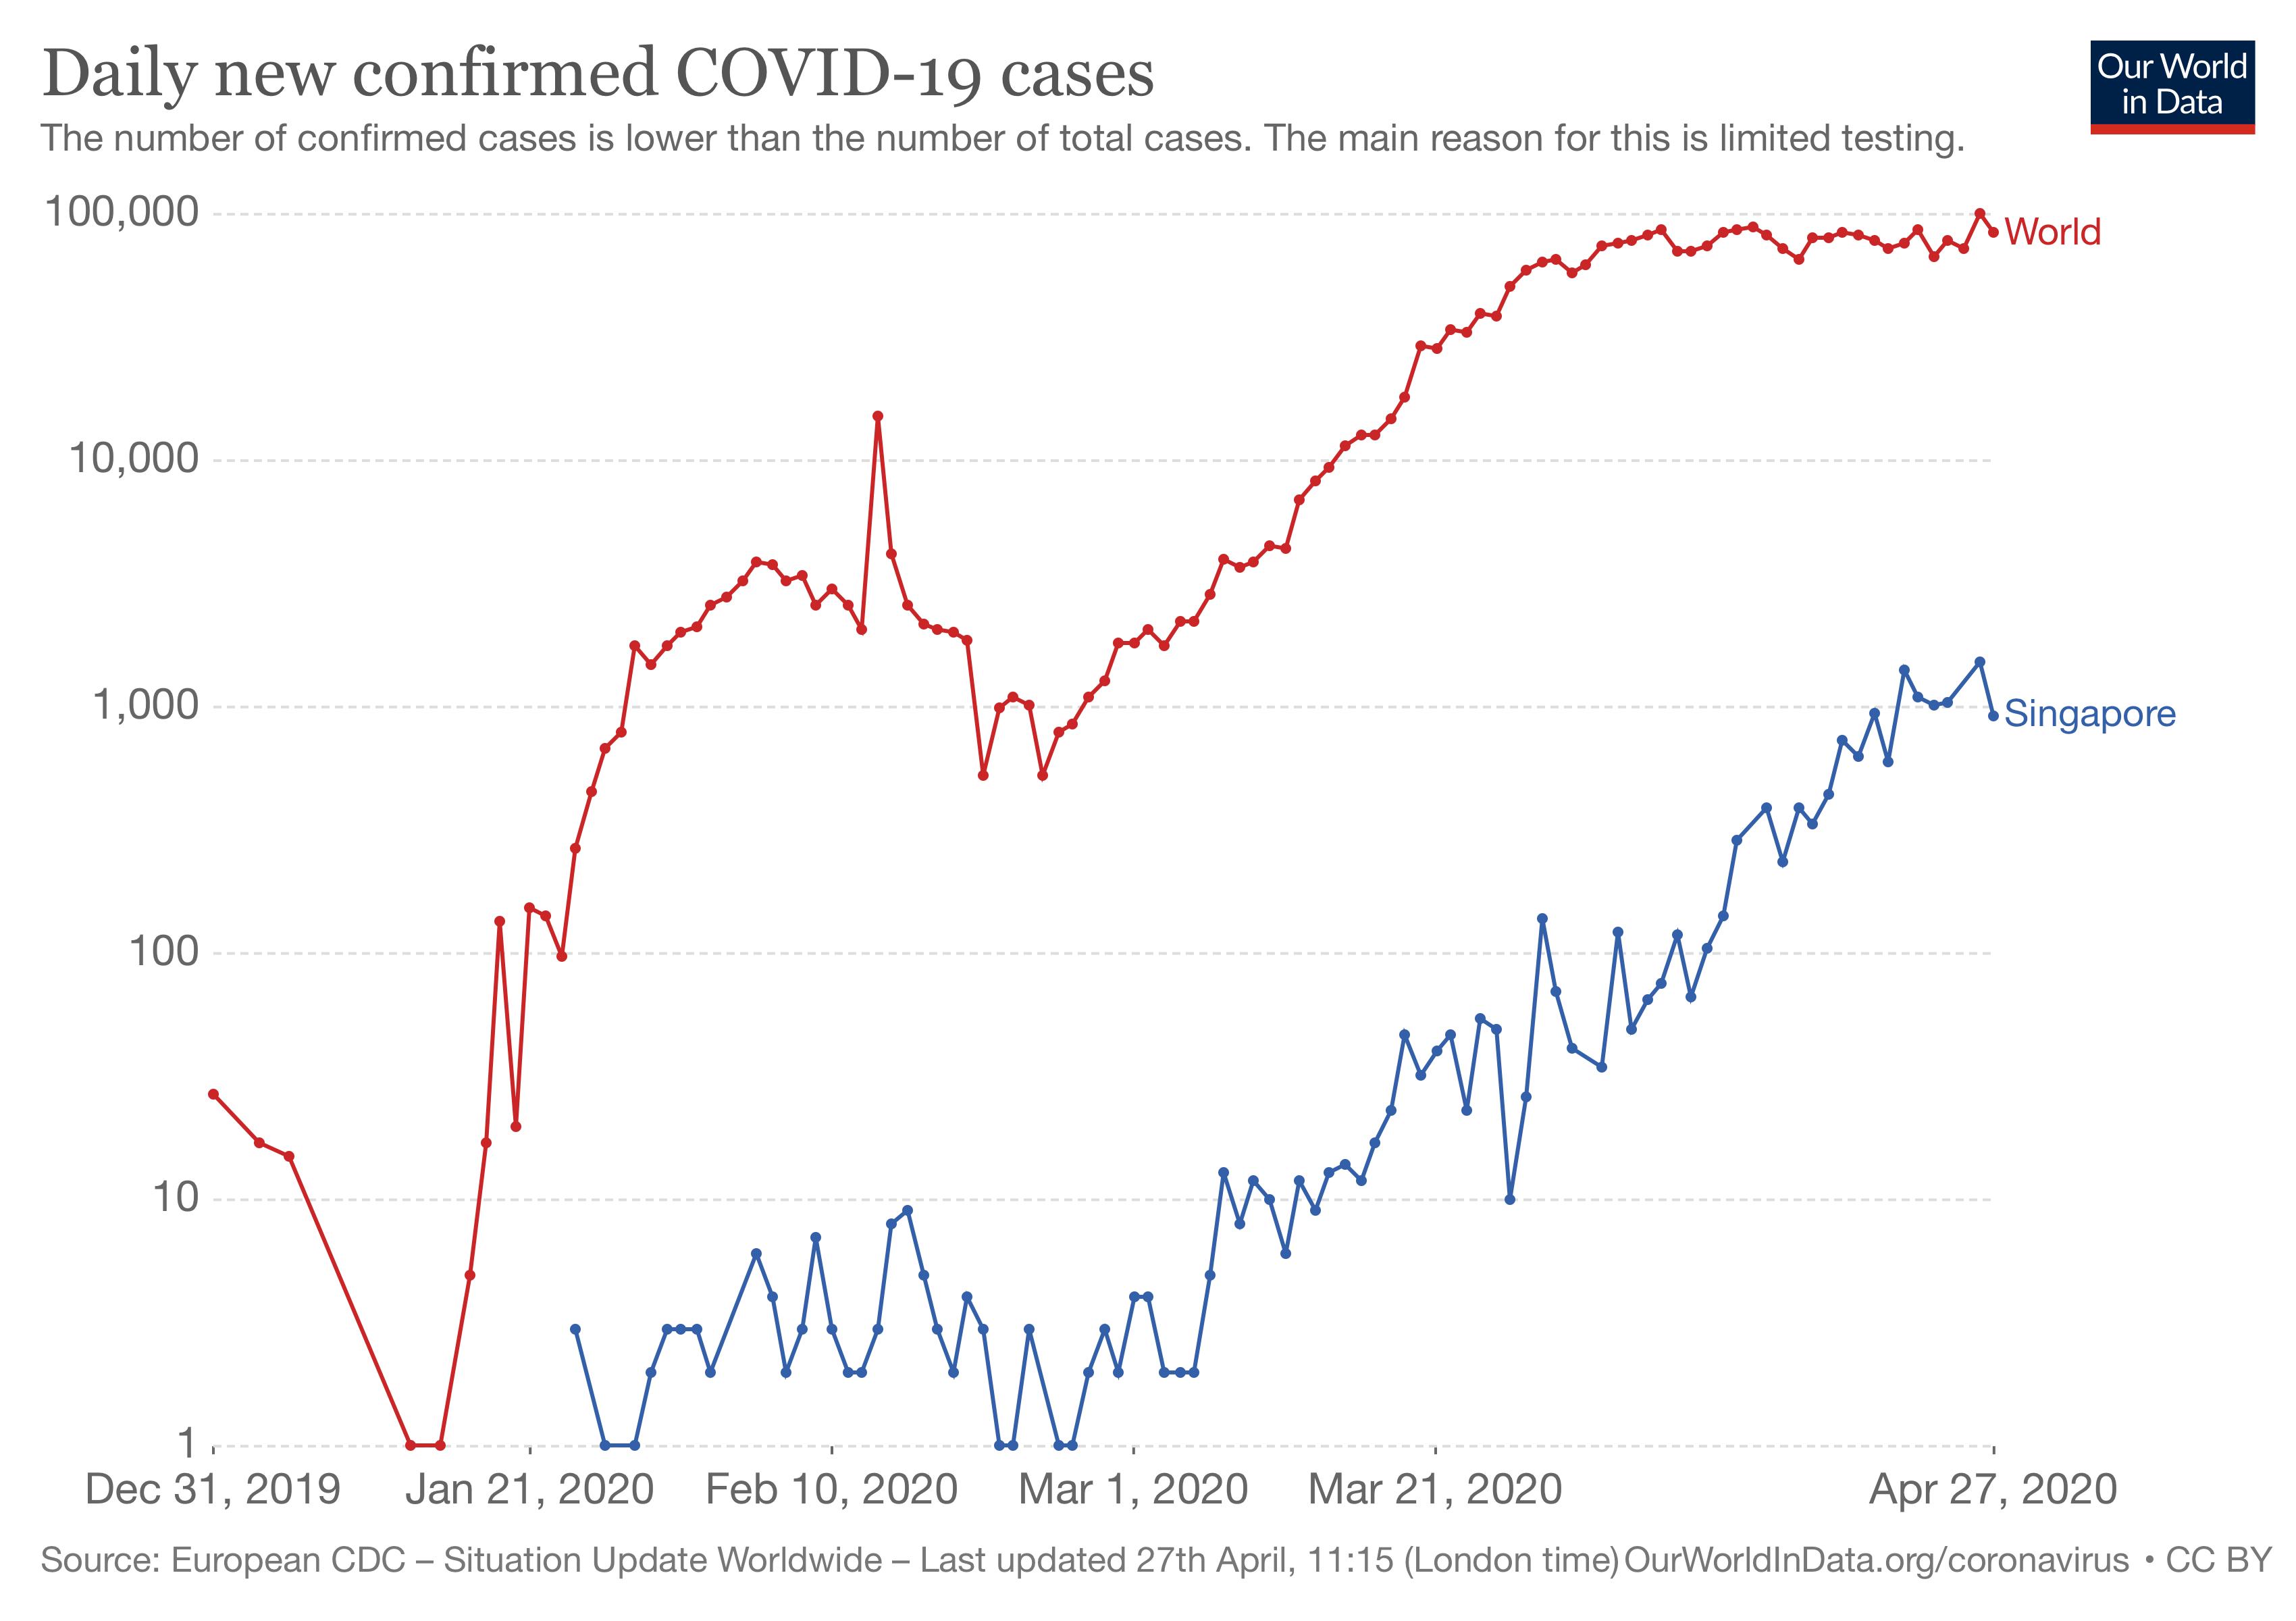 https://github.com/owid/covid-19-data